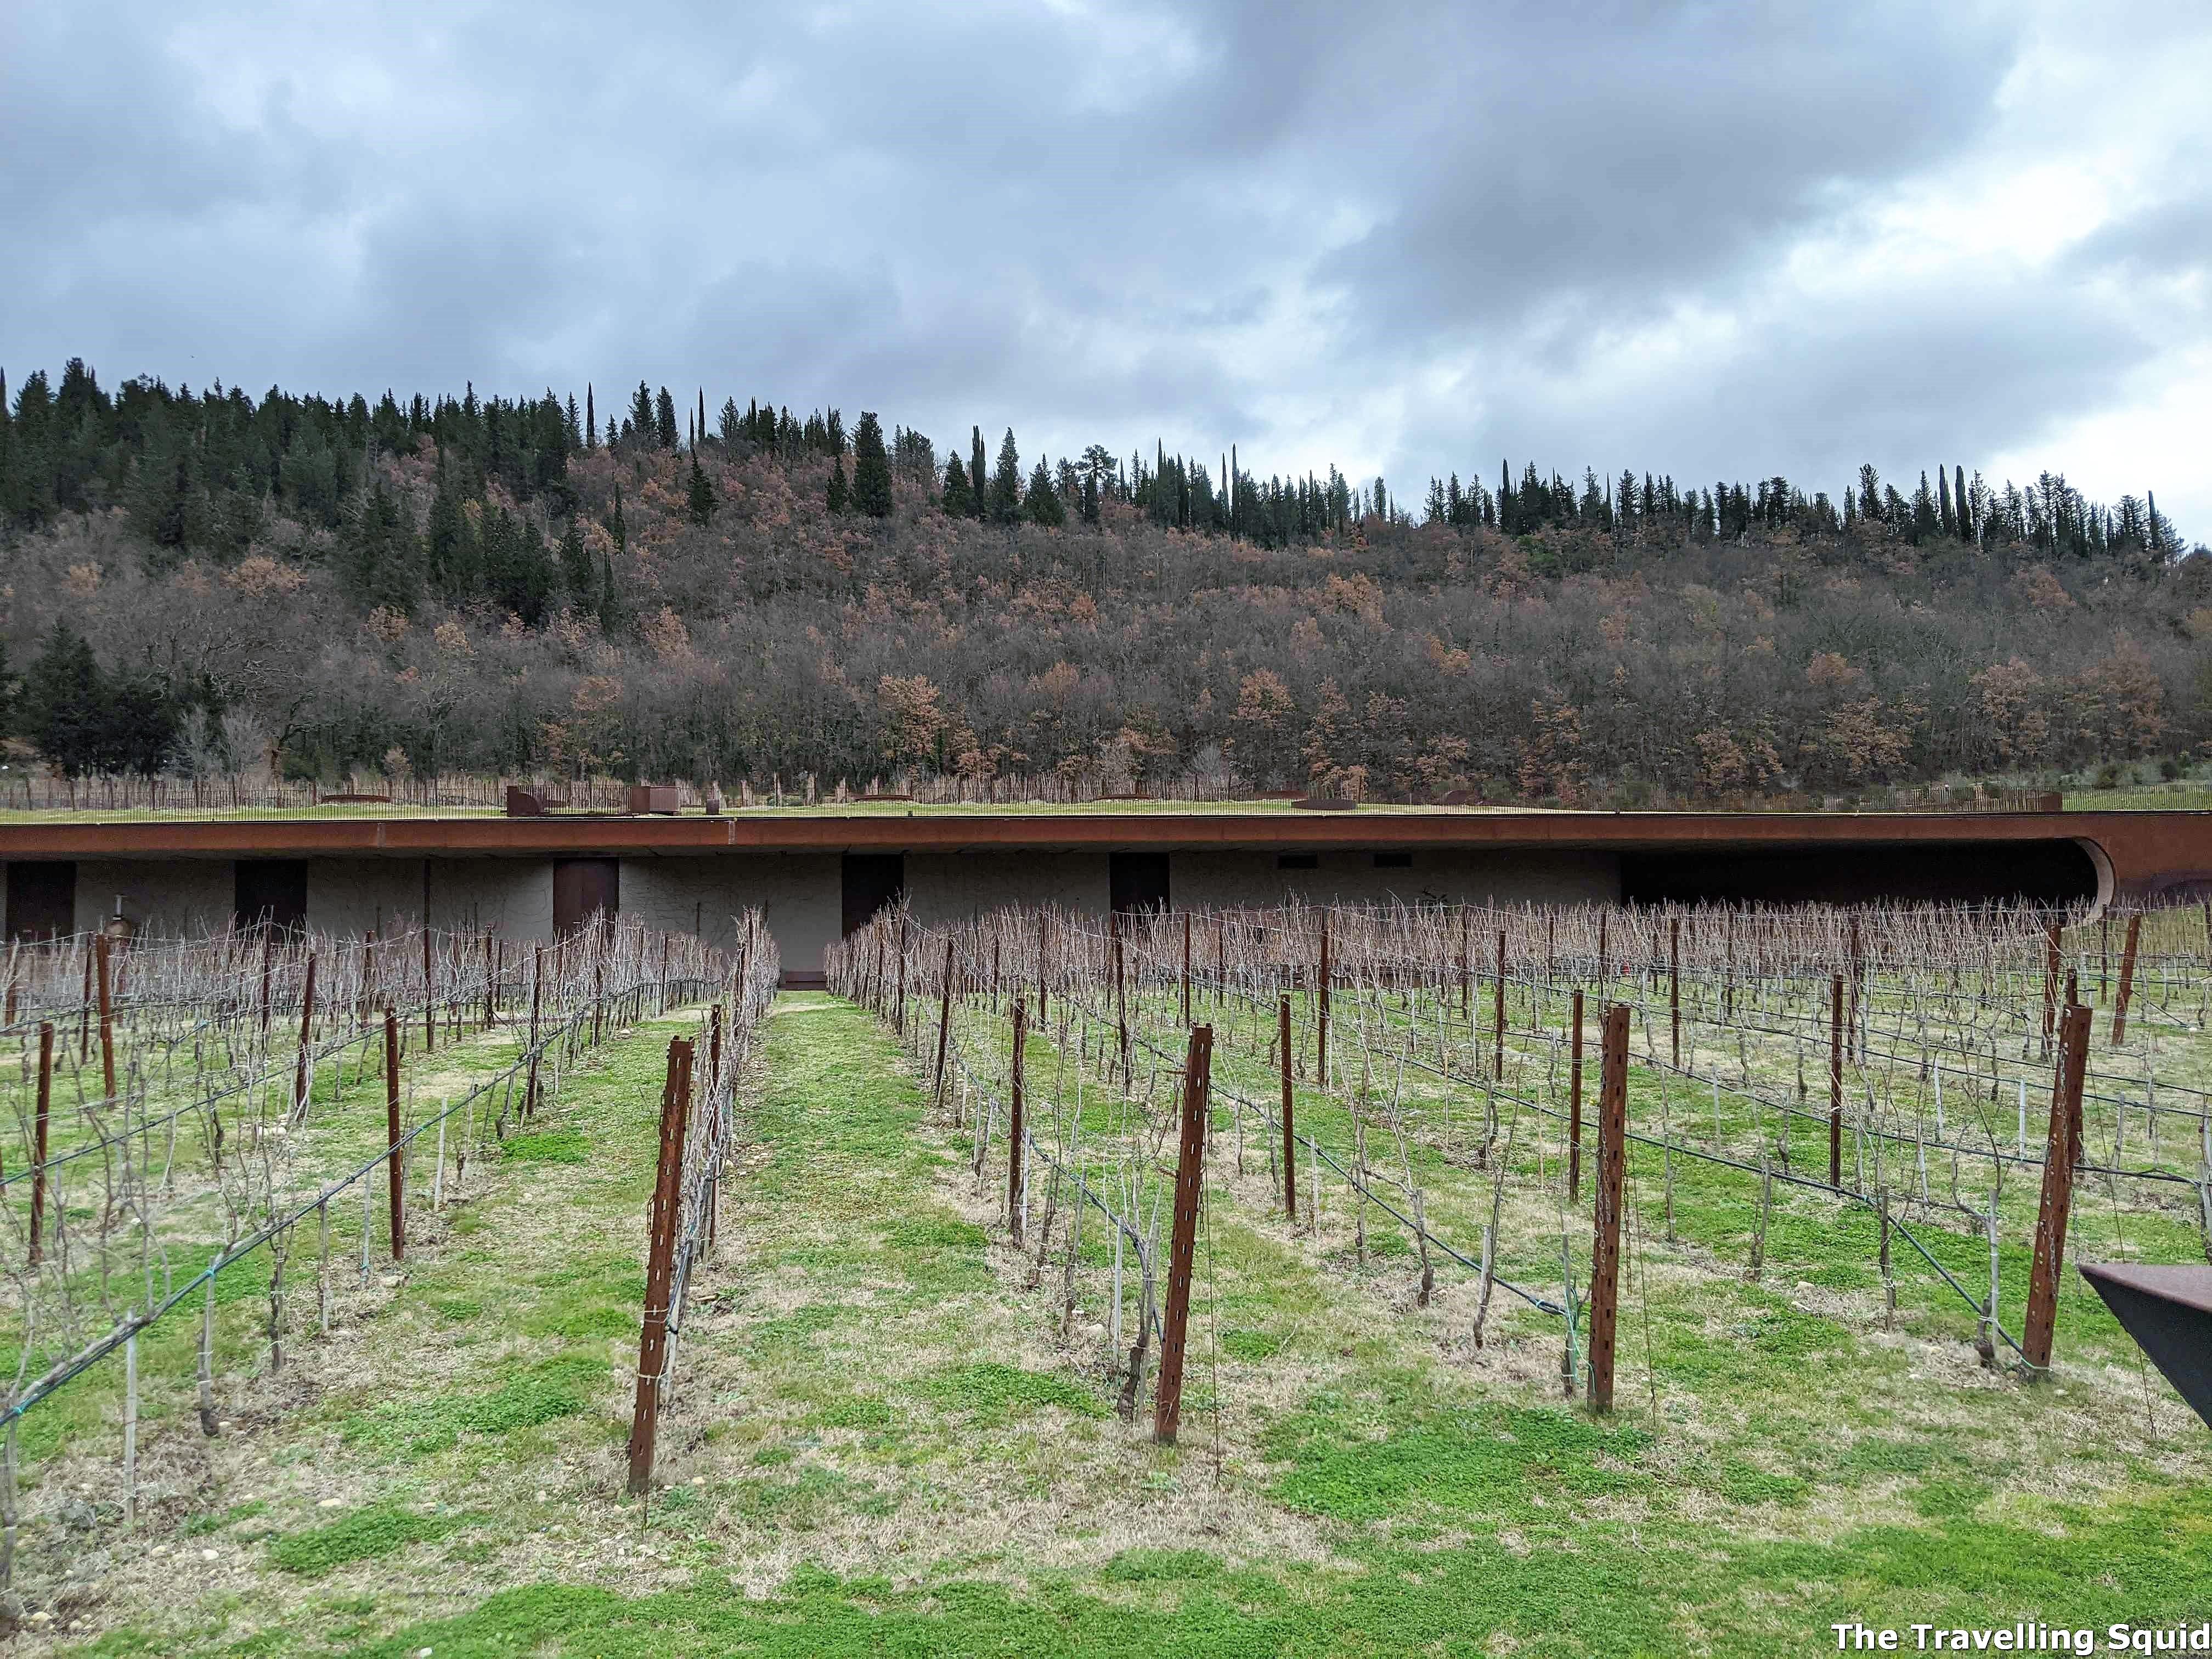 sangiovese grapes Antinori nel Chianti Classico